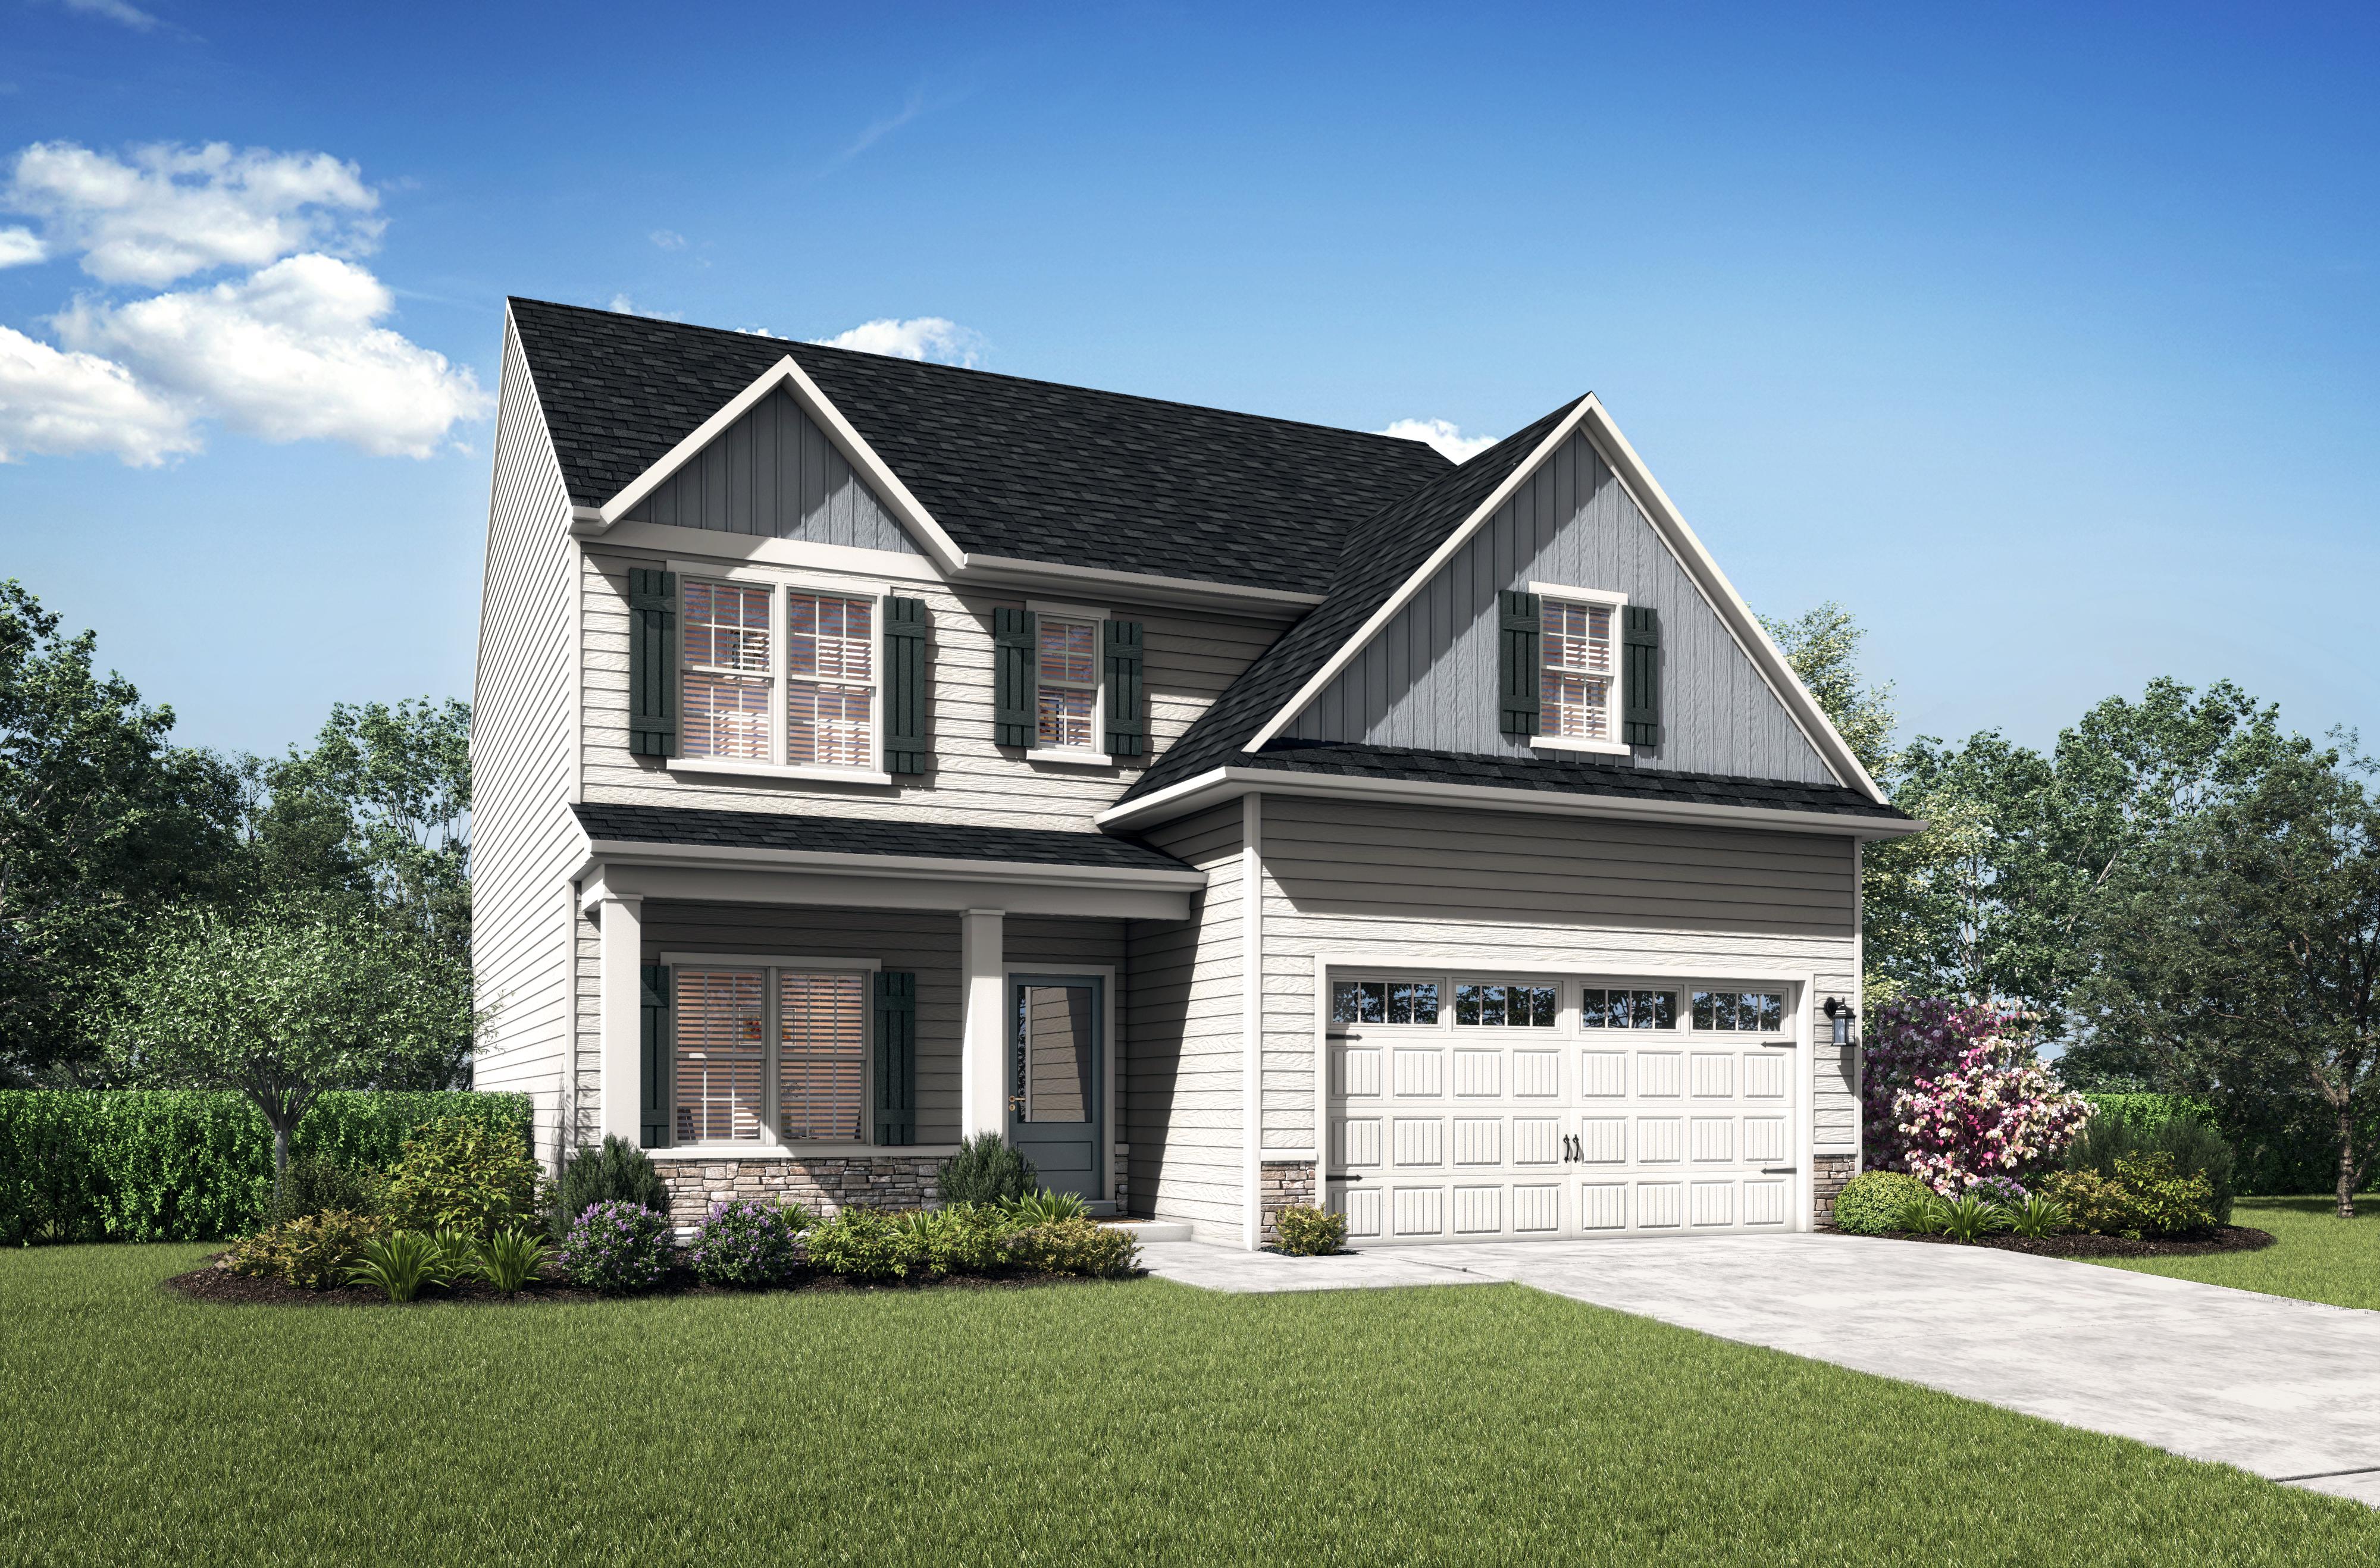 The Hartford by LGI Homes at Legacy